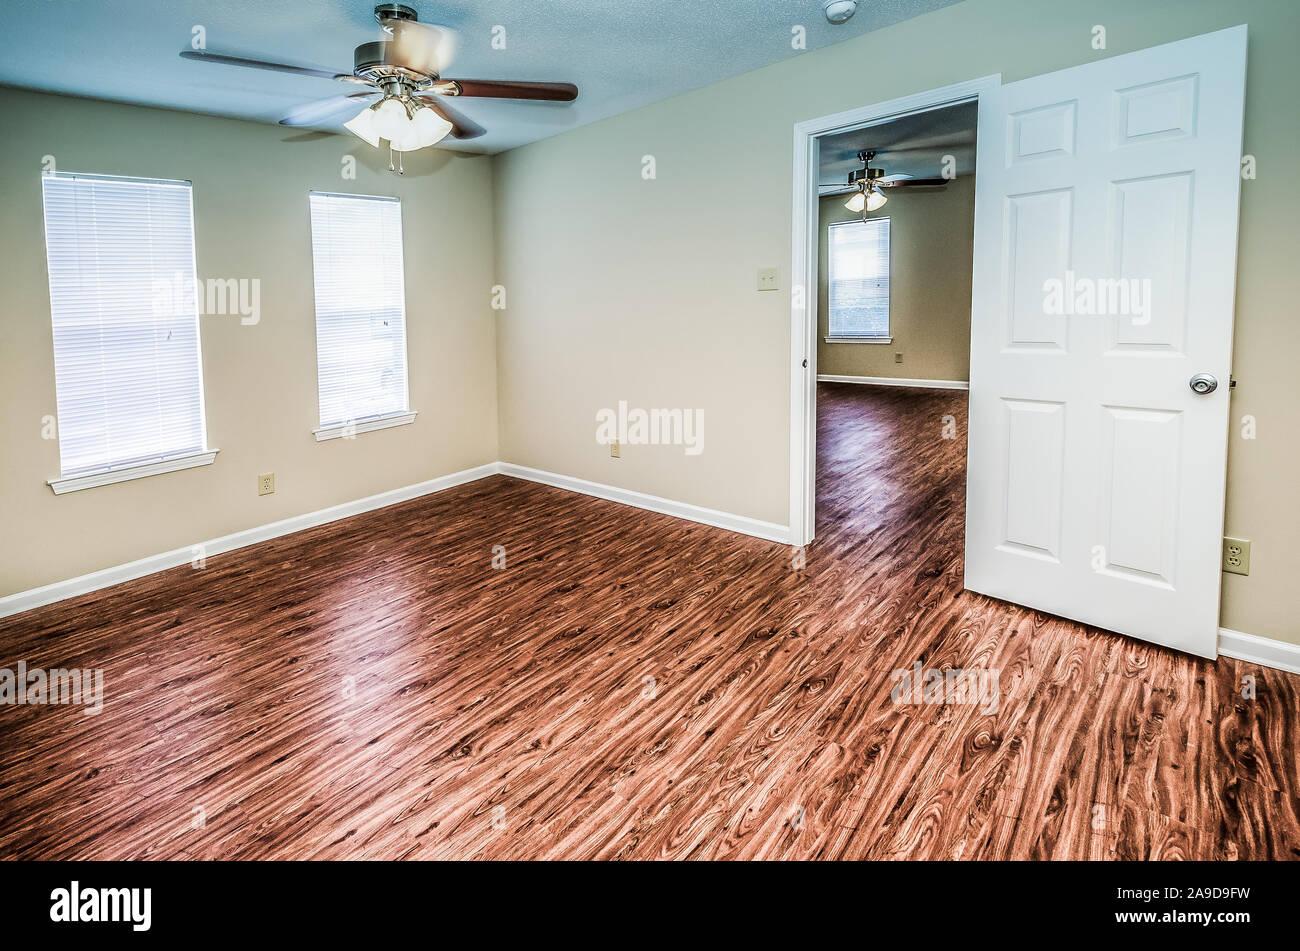 Empty bedrooms feature hardwood floors and lots of window ...